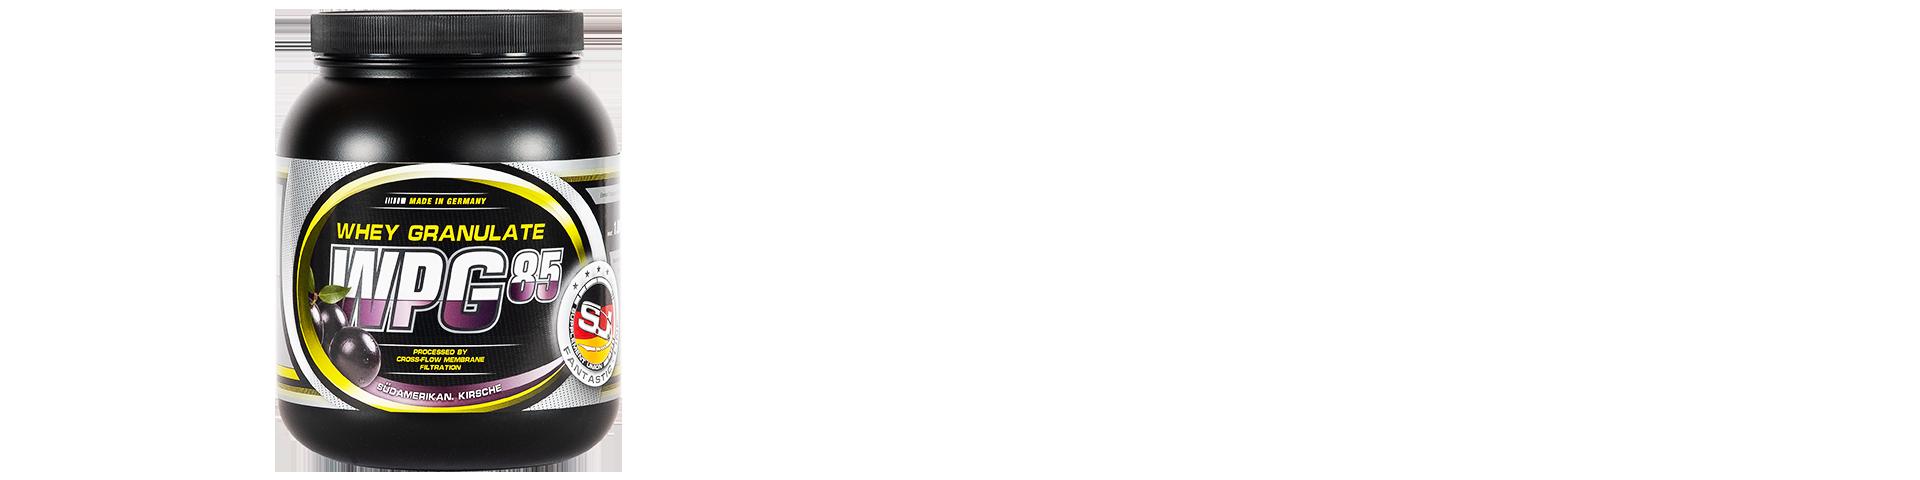 wpg-85-suedamerikanischekirsche-2.png